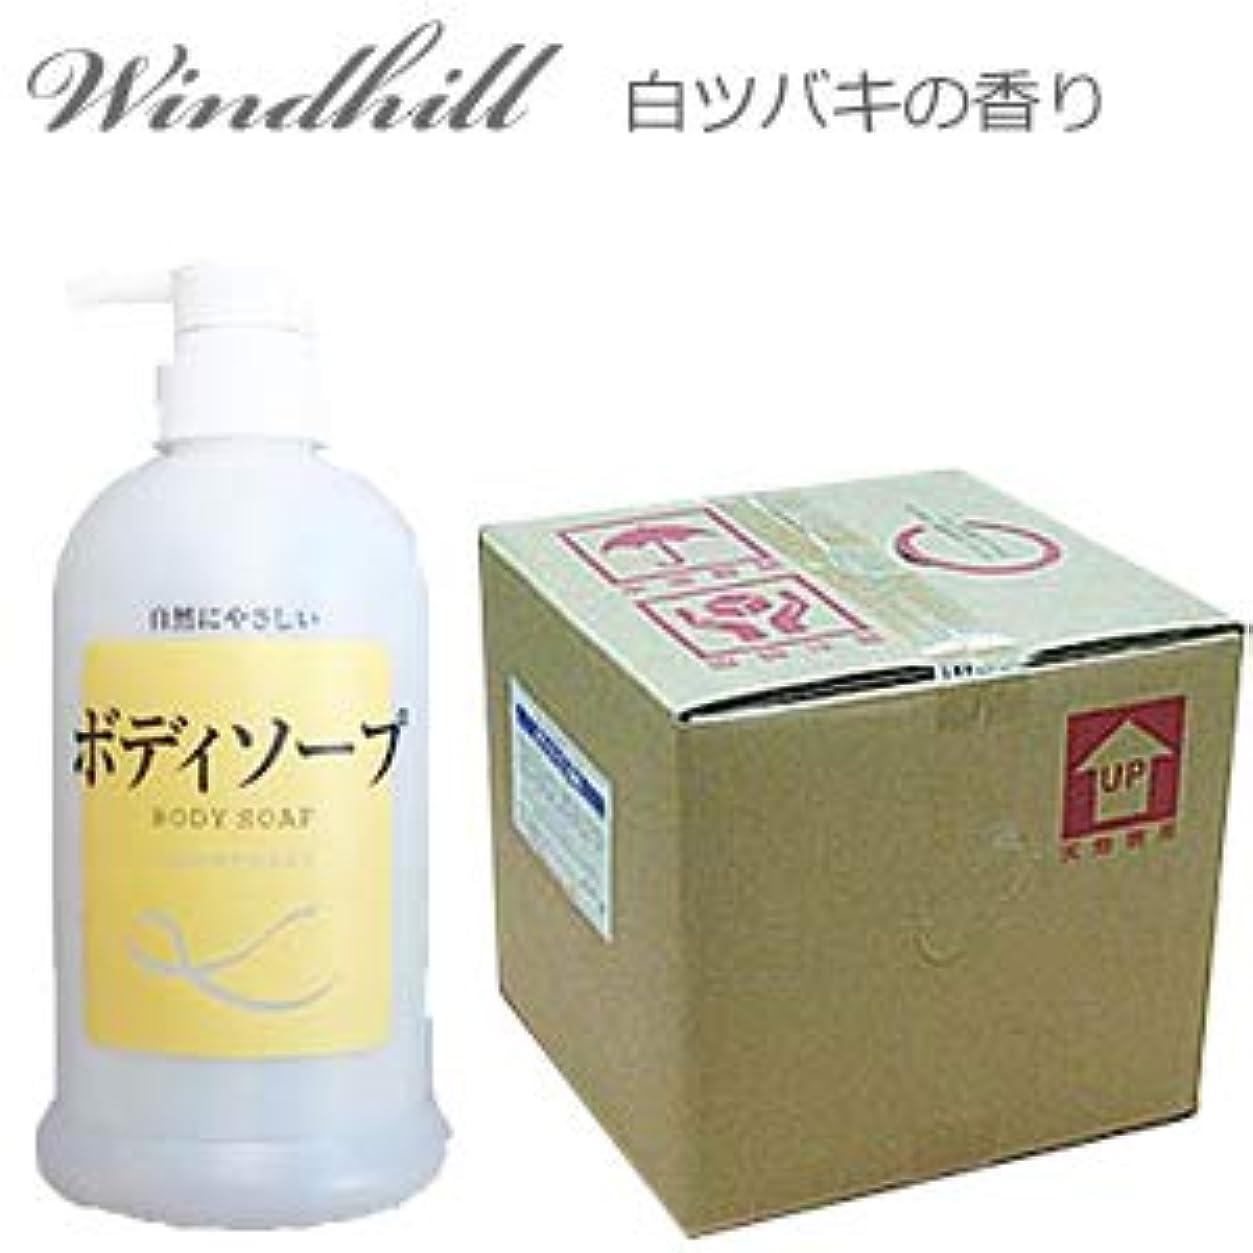 ただやる思い出させる見出しなんと! 500ml当り175円 Windhill 植物性 業務用 ボディソープ  白ツバキの香り 20L